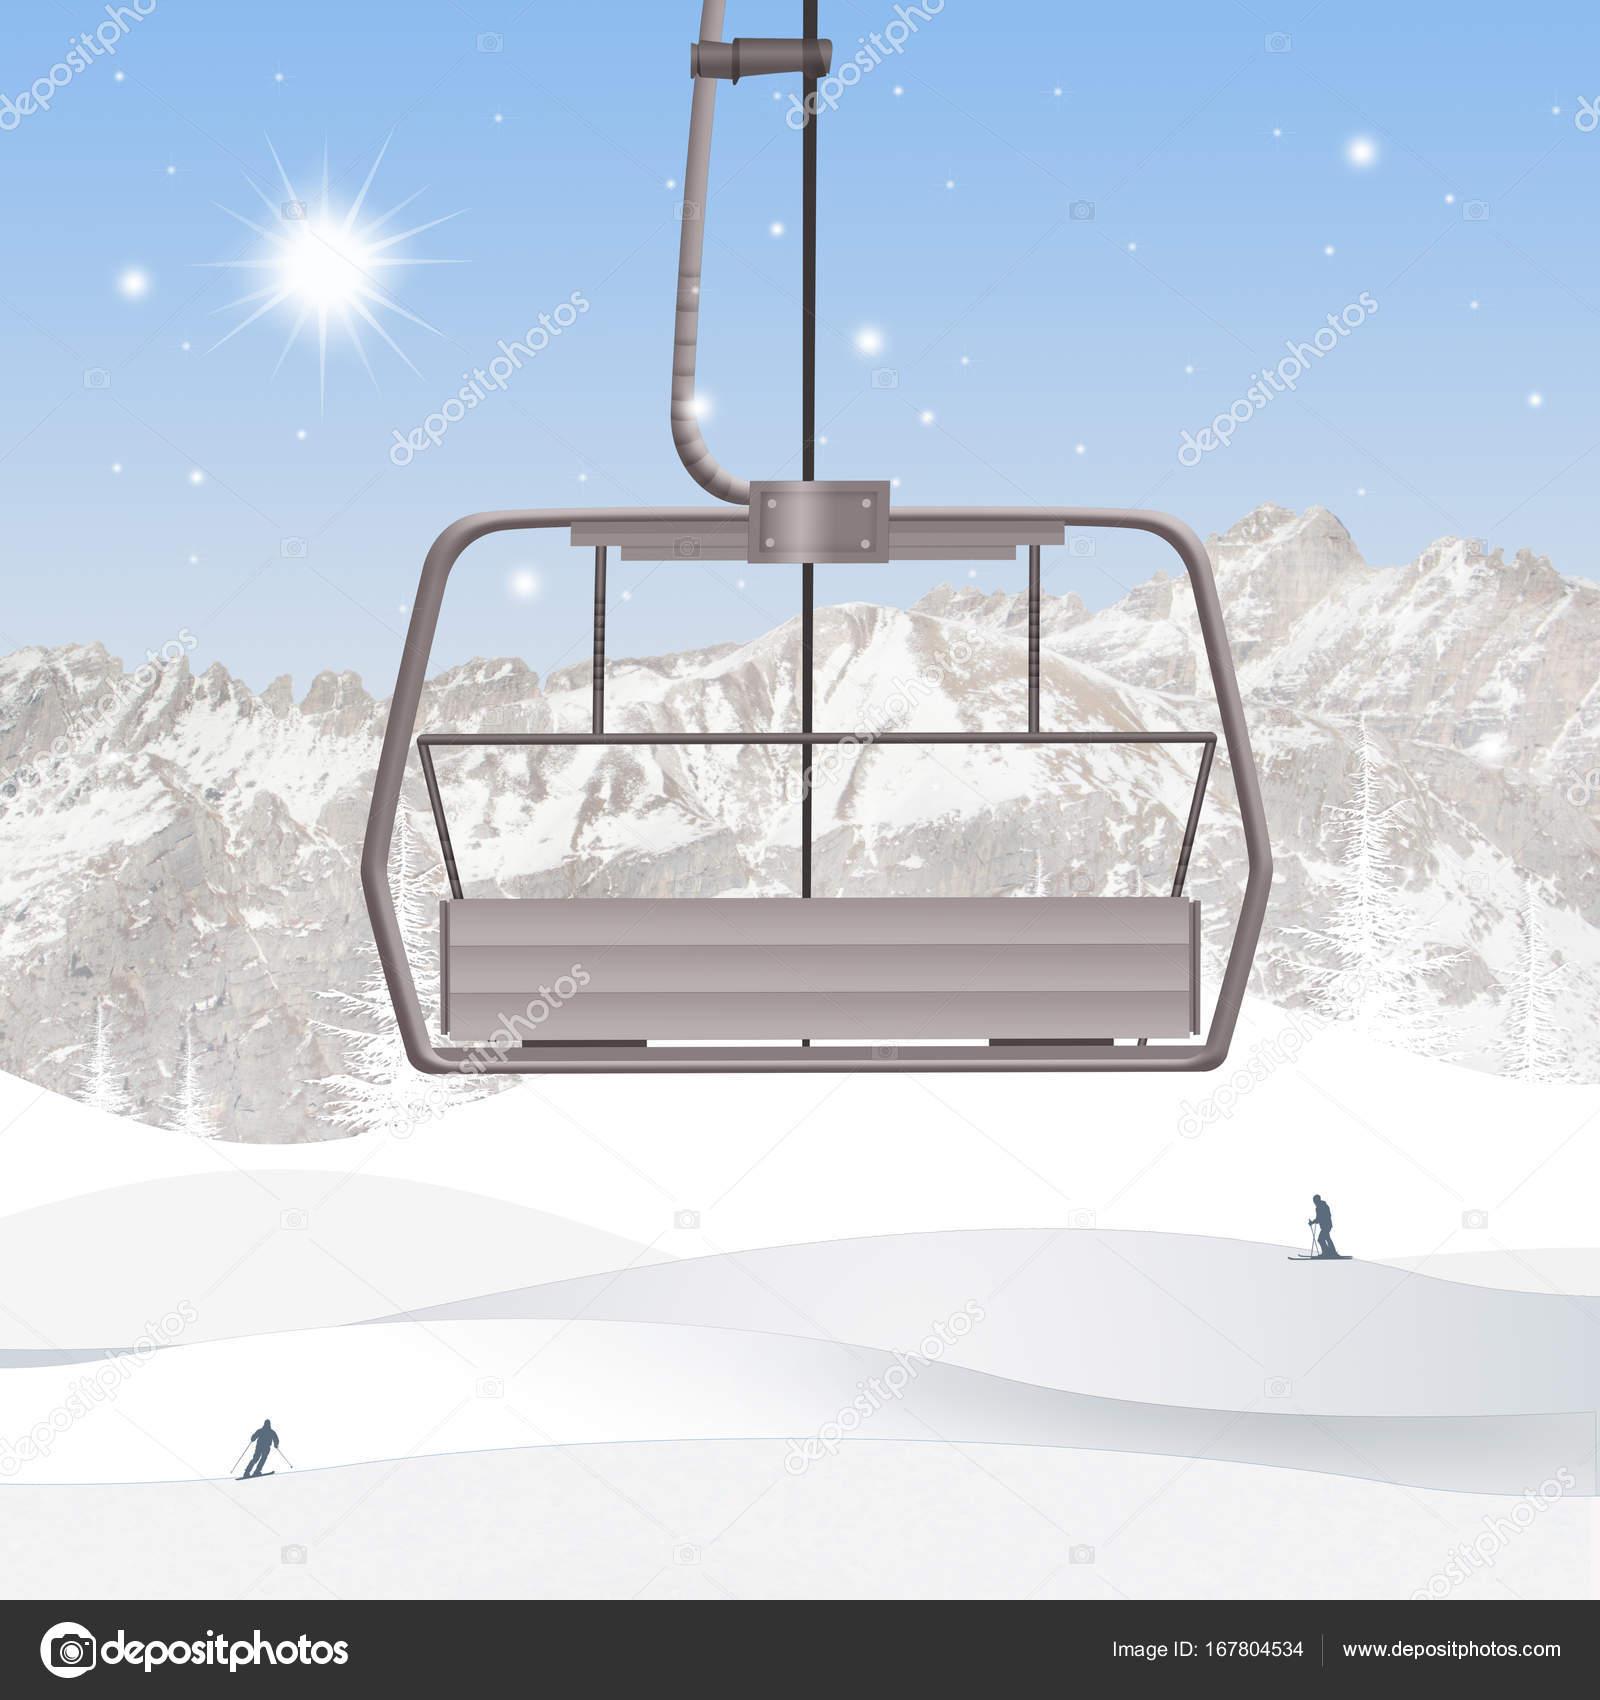 スキー場のリフトのイラスト ストック写真 Adrenalina 167804534